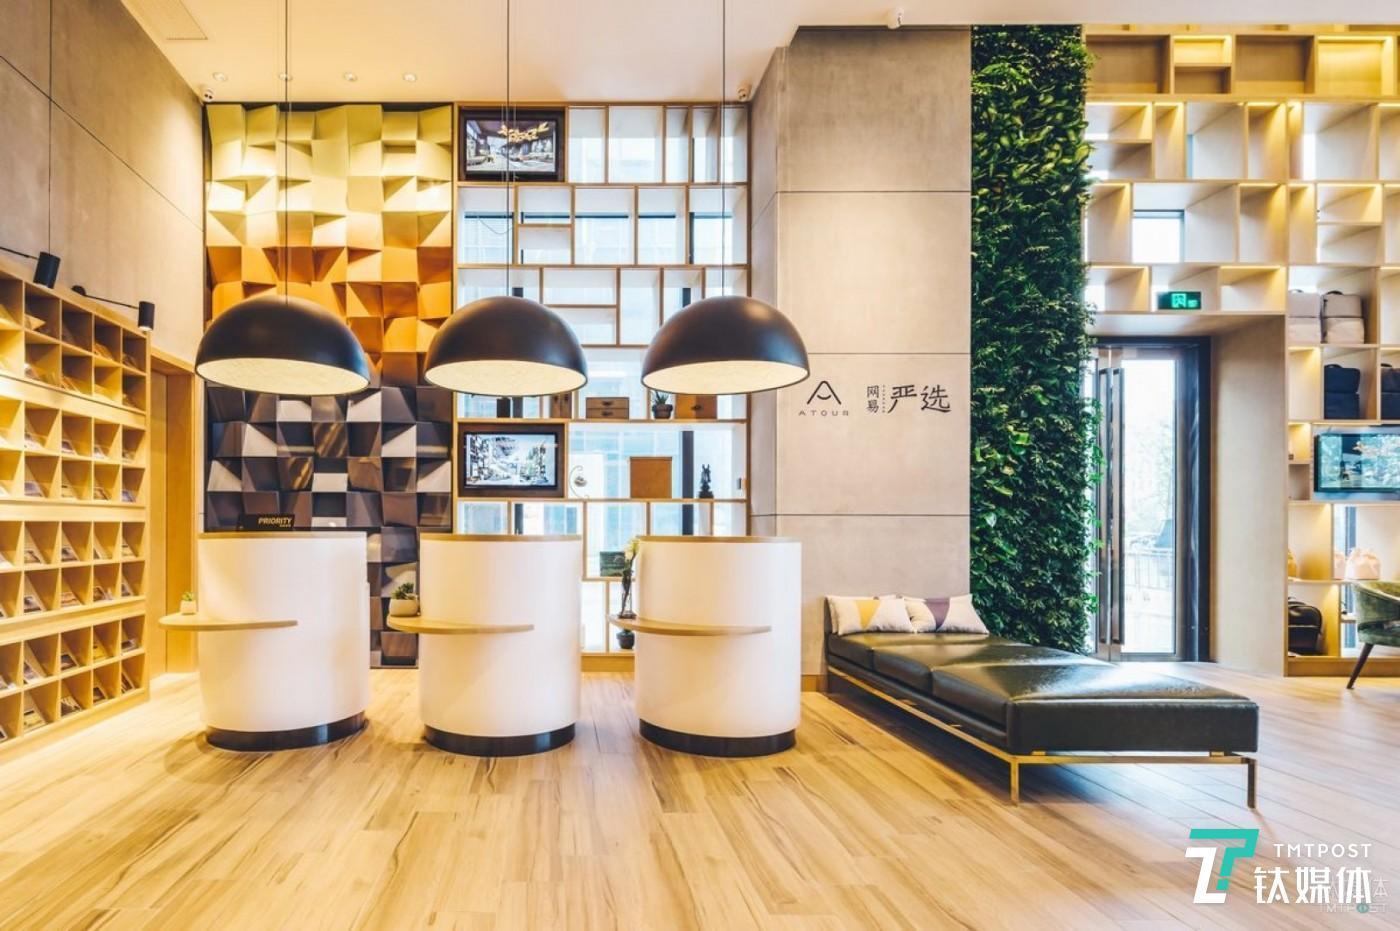 2017年8月,网易严选酒店在杭州开幕。